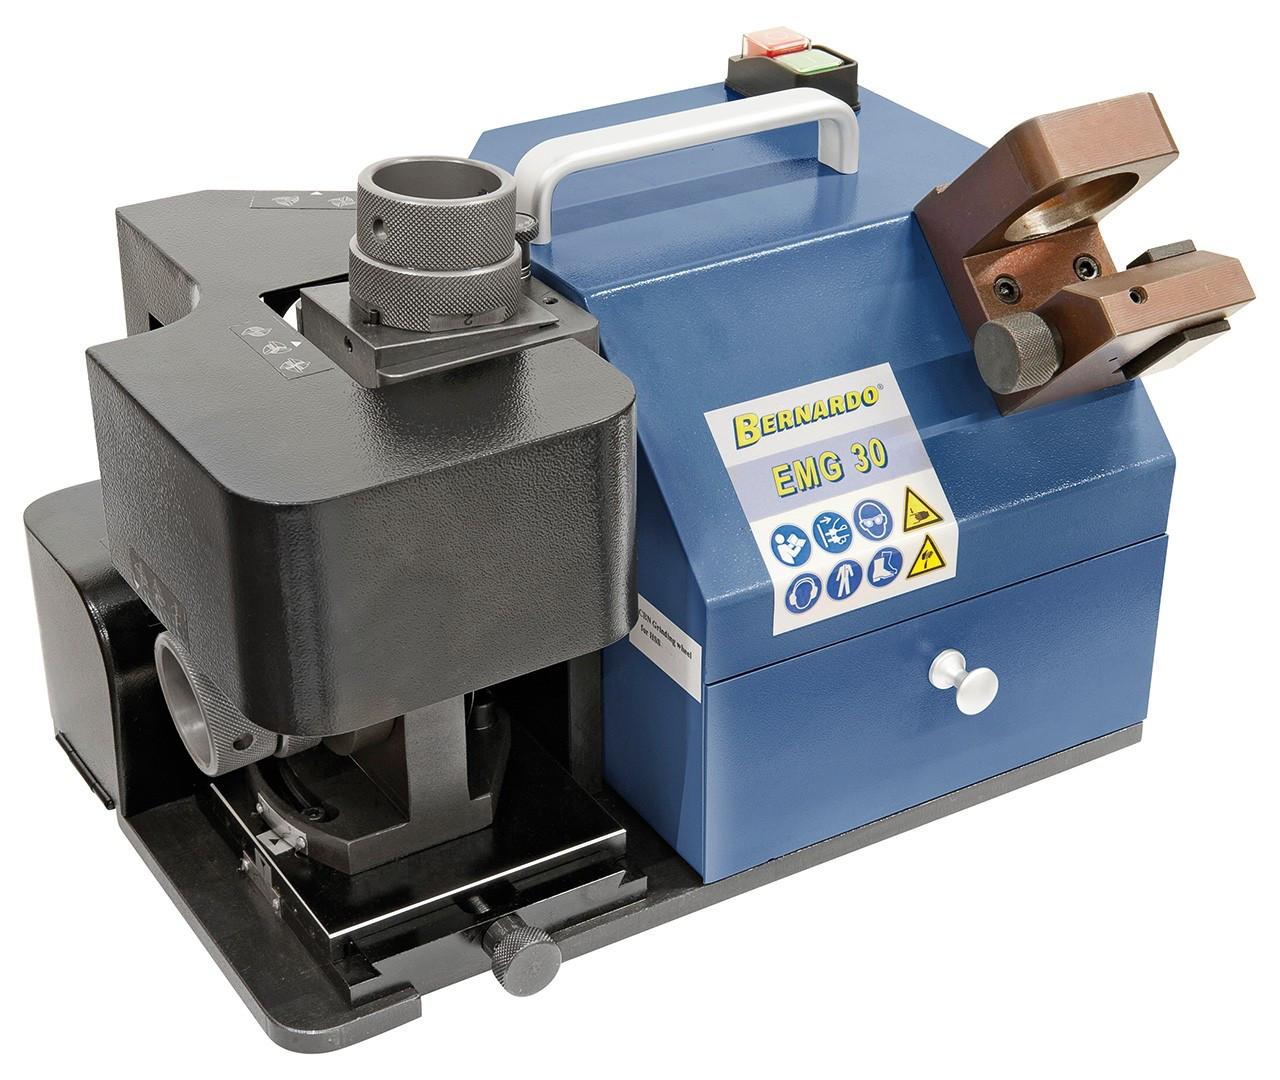 EMG30 станок для заточки концевых фрез по металлу, заточной станок для заточки фрез (12-30 мм) Bernardo